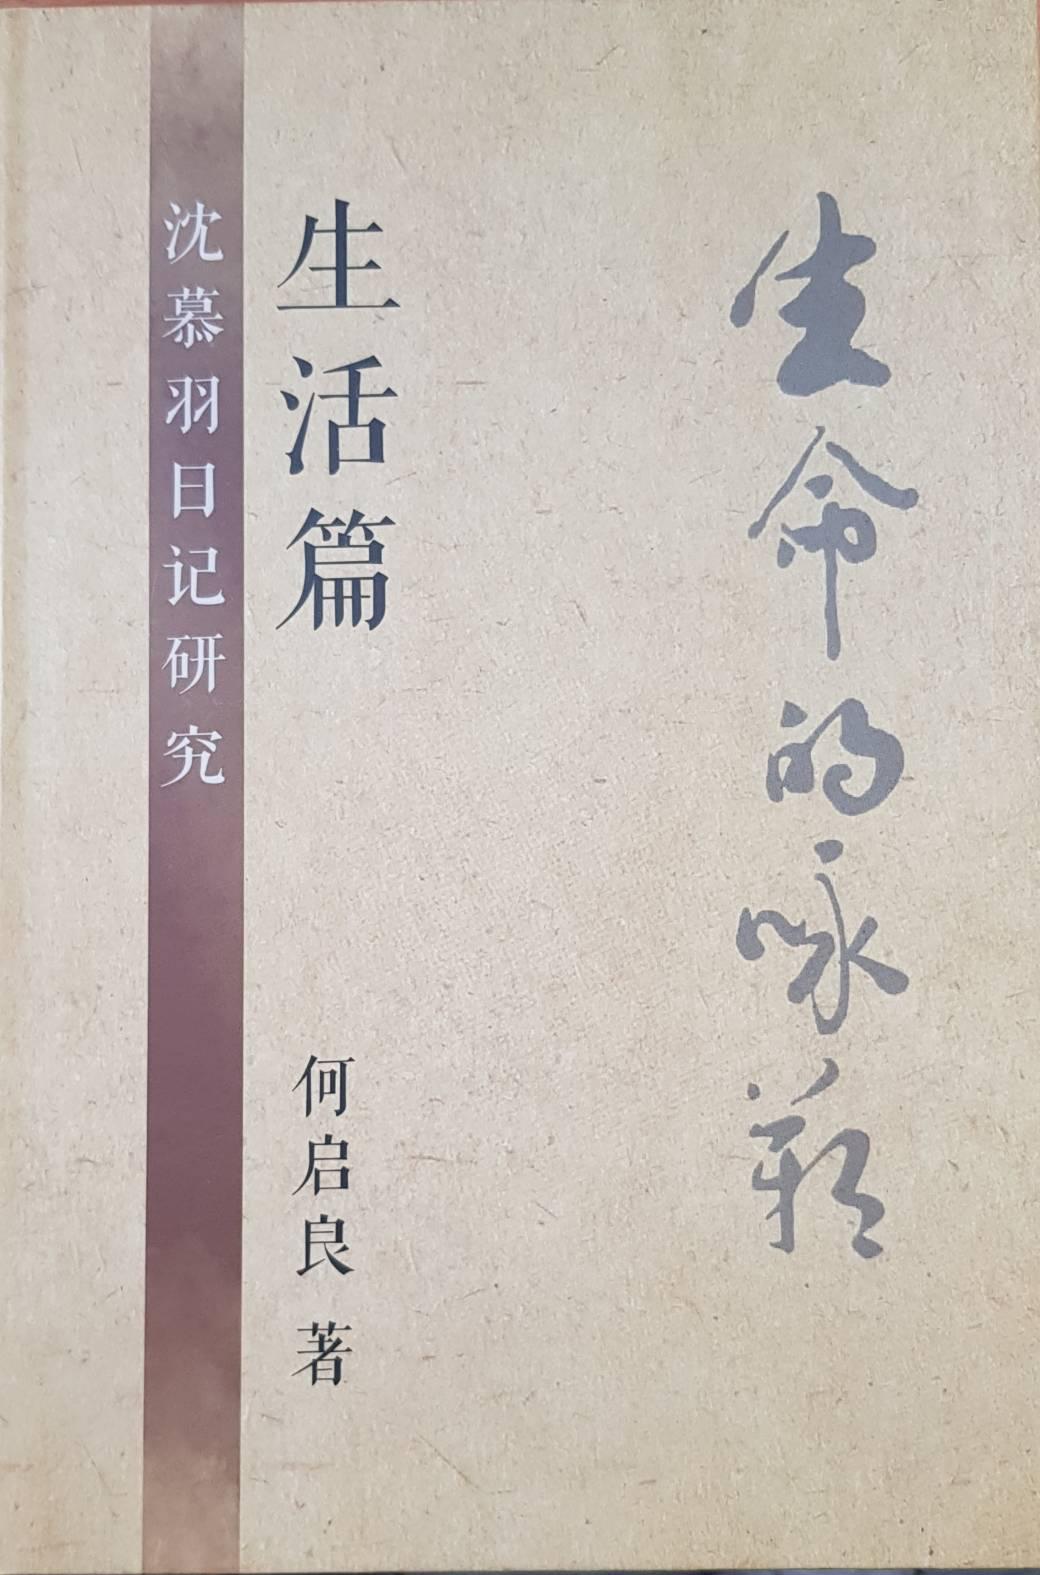 新書發表:《生命的咏歎:沈慕羽日記研究 生活篇》